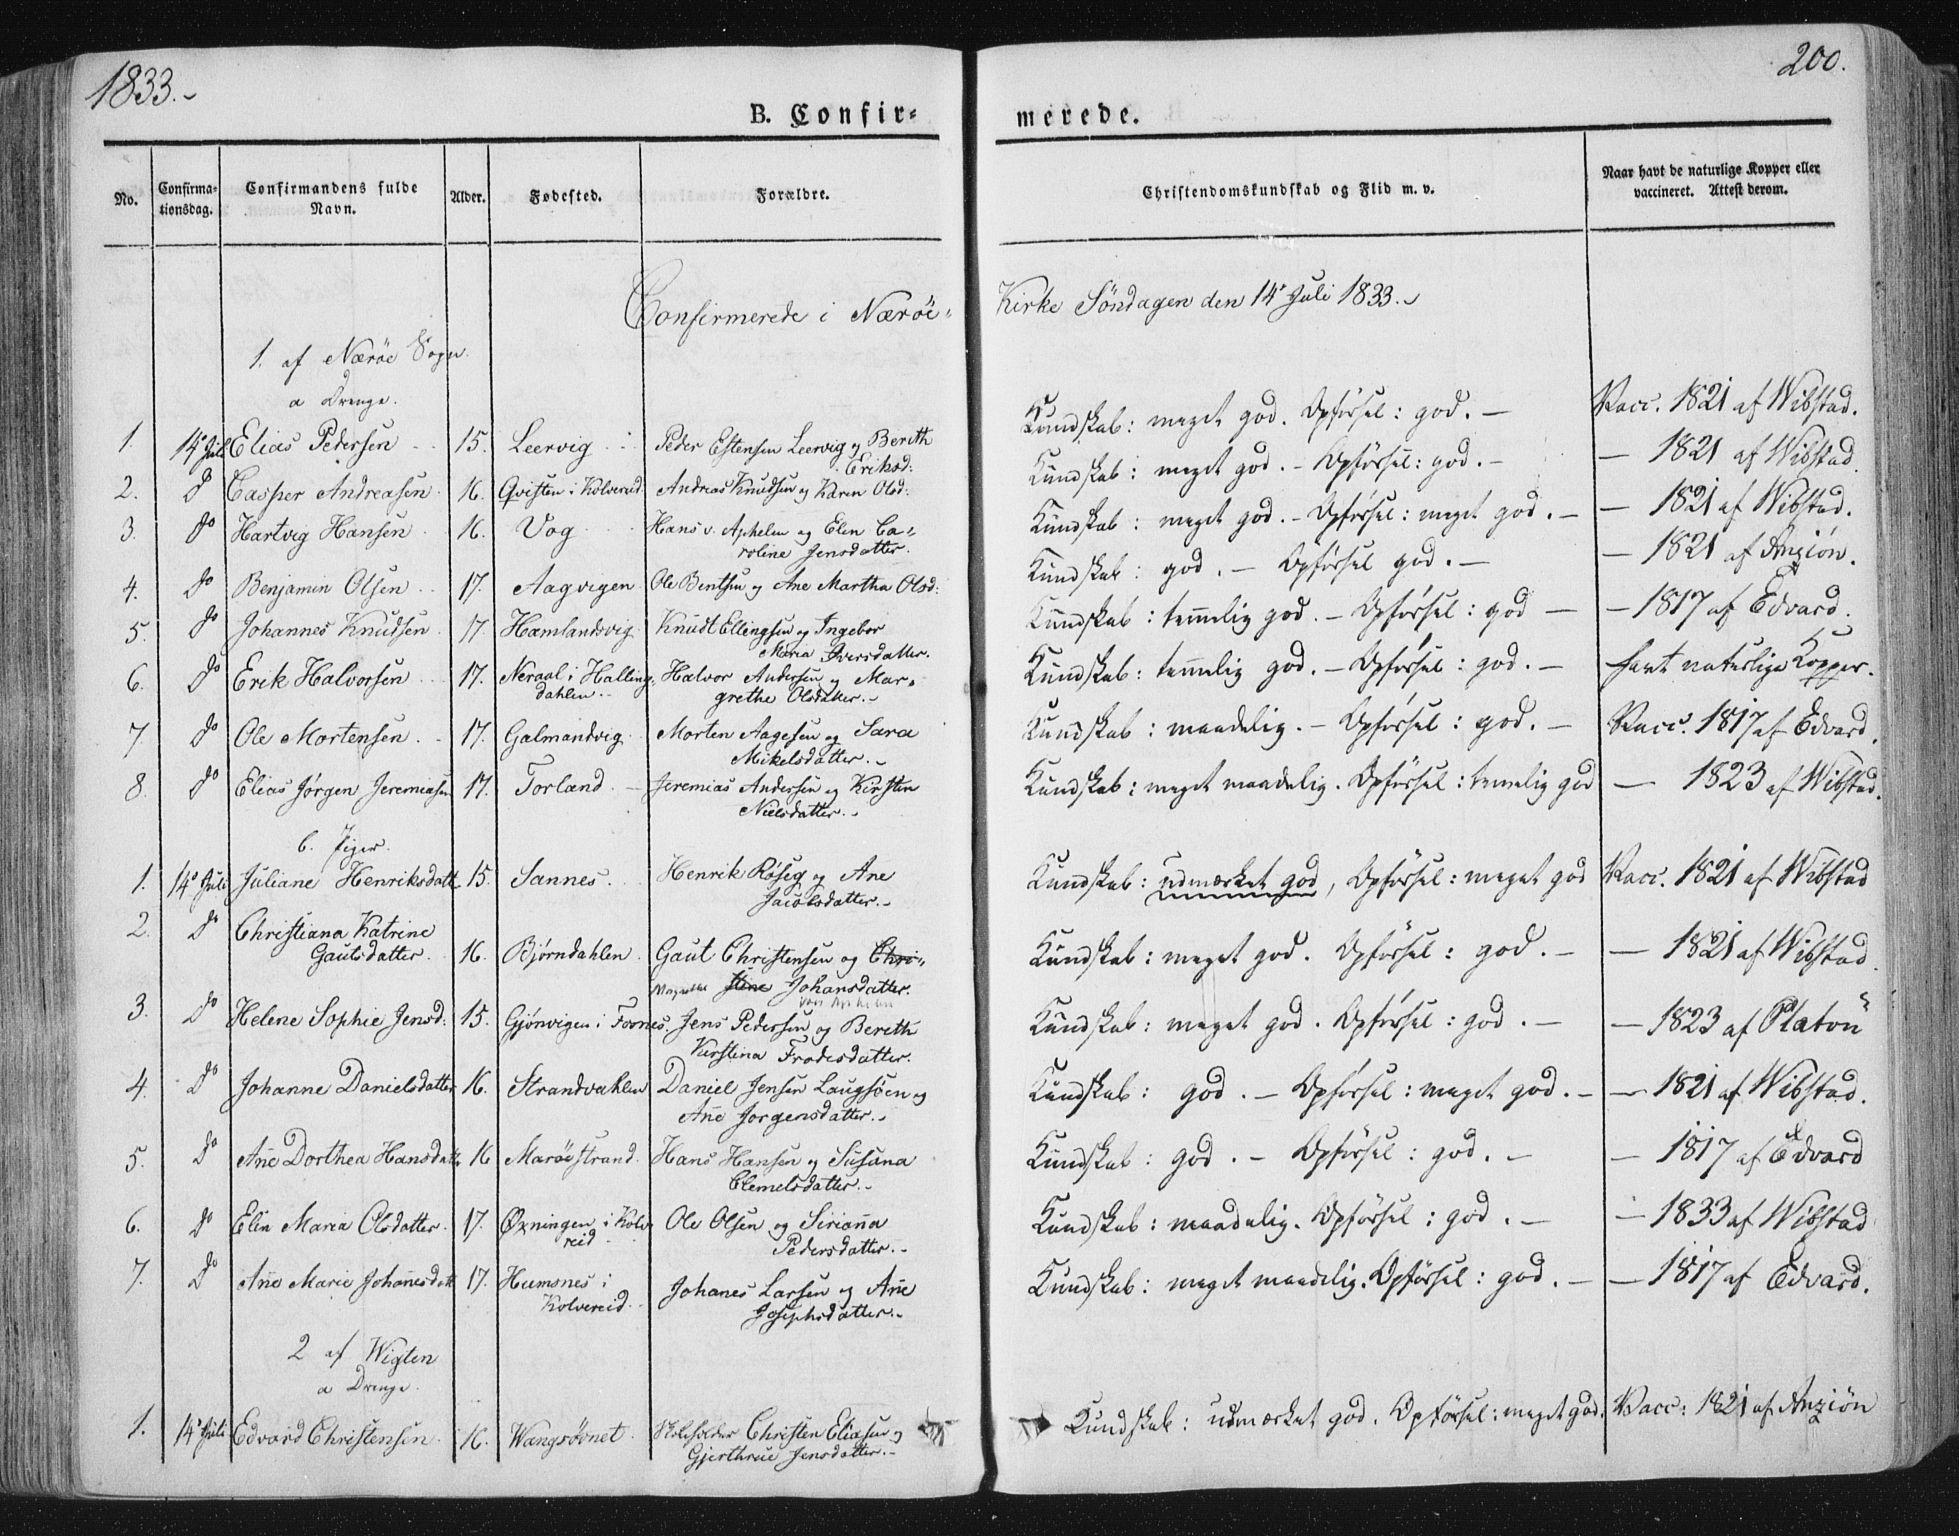 SAT, Ministerialprotokoller, klokkerbøker og fødselsregistre - Nord-Trøndelag, 784/L0669: Ministerialbok nr. 784A04, 1829-1859, s. 200